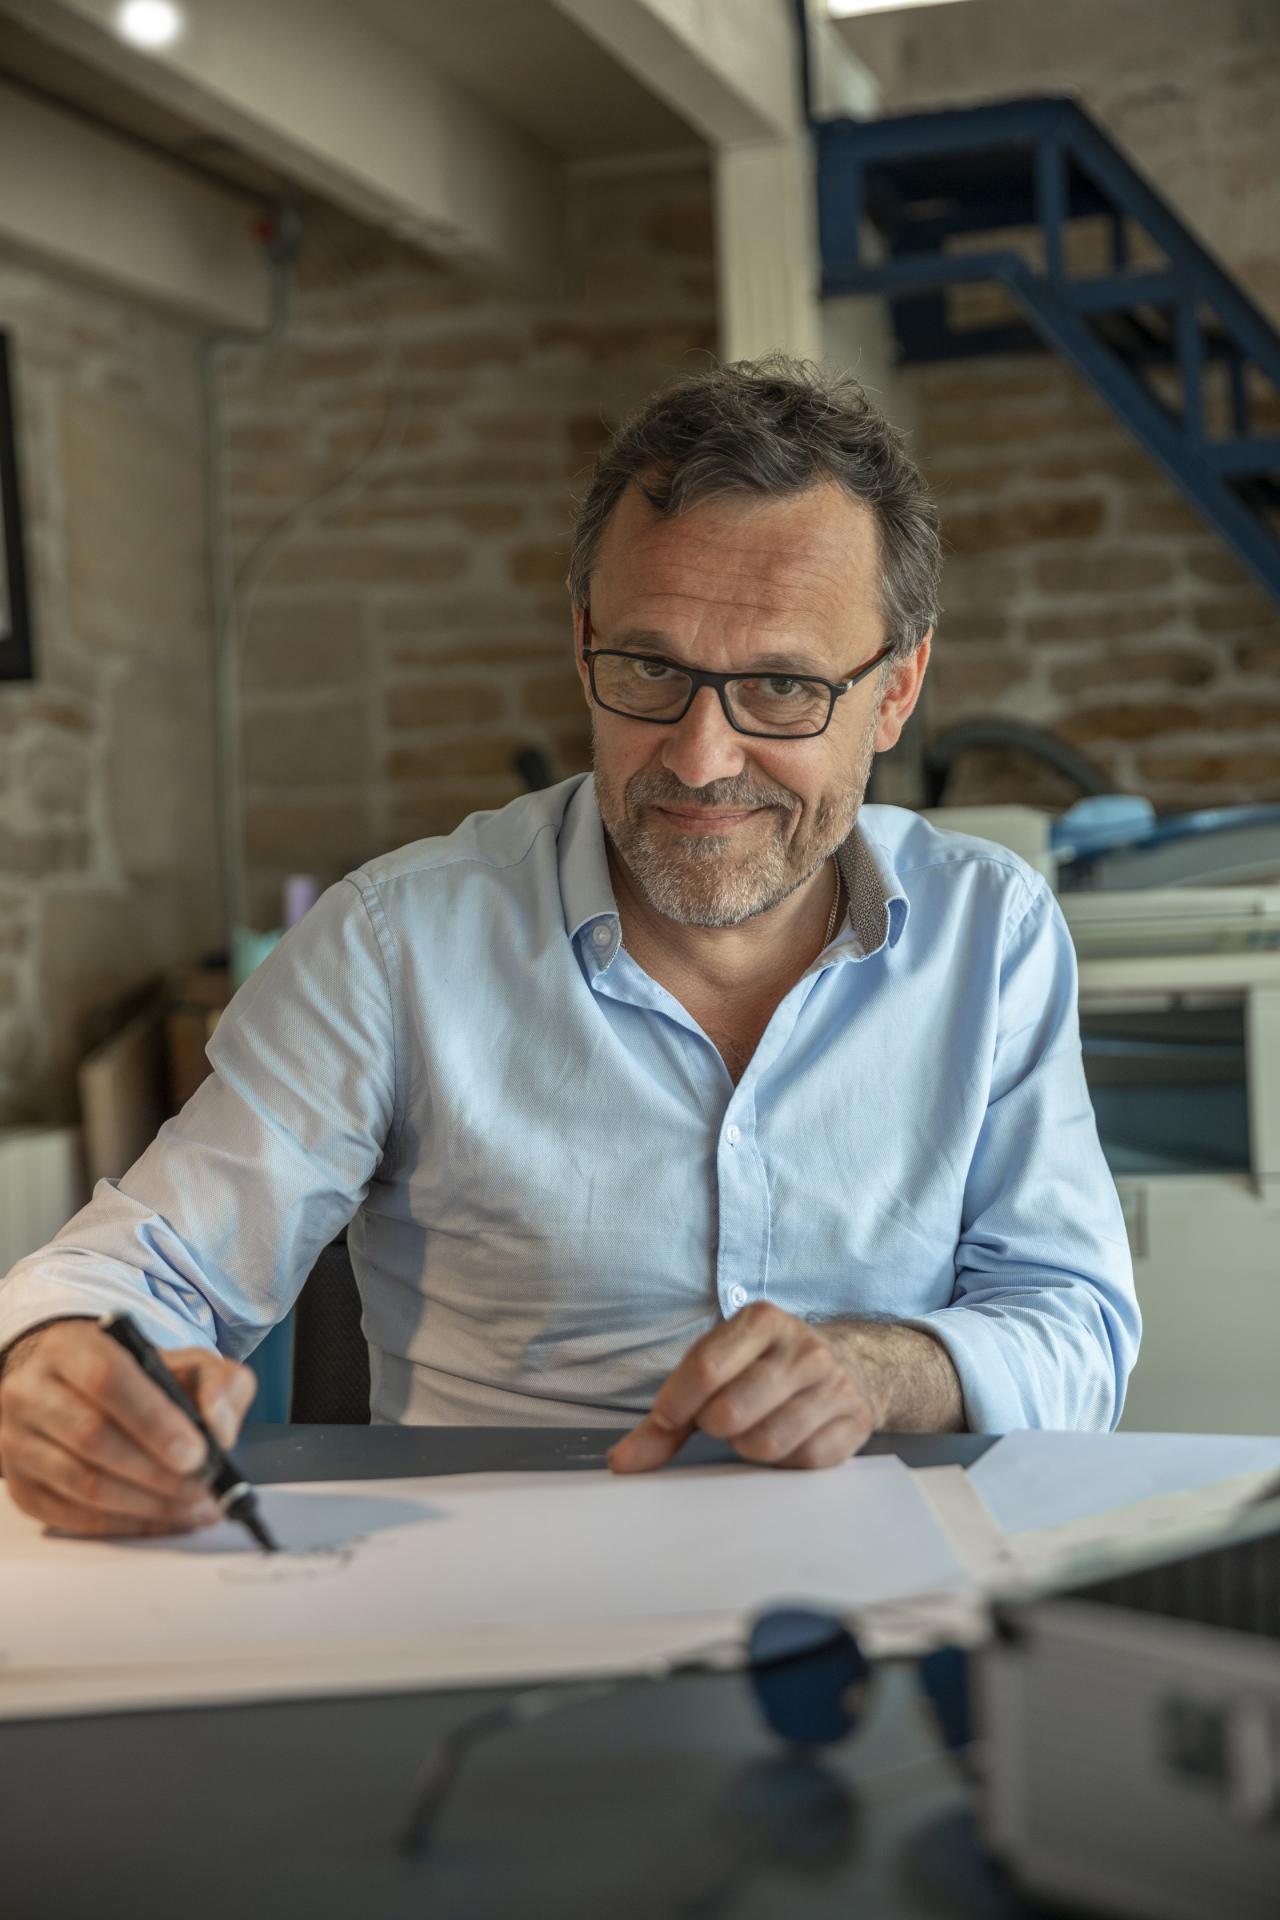 Rendez-vous avec Emmanuel Chaunu dans son atelier, en Normandie.